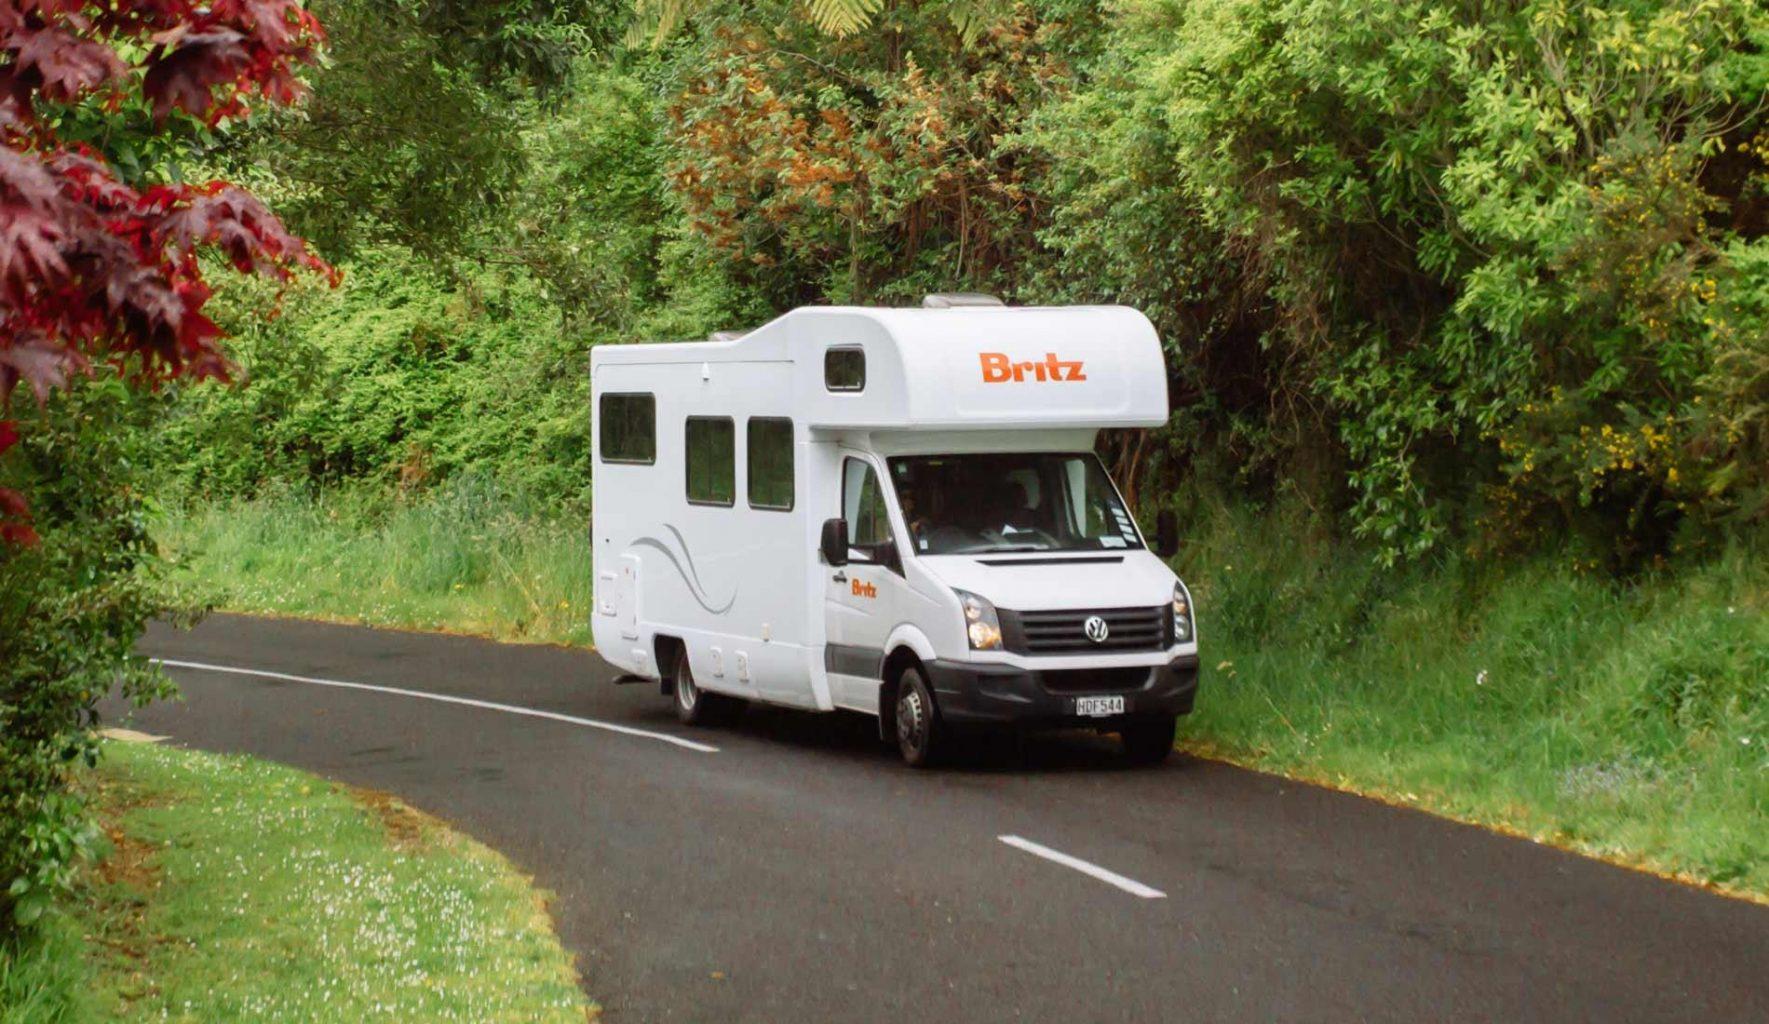 Britz rental campervan drives down a rural road.